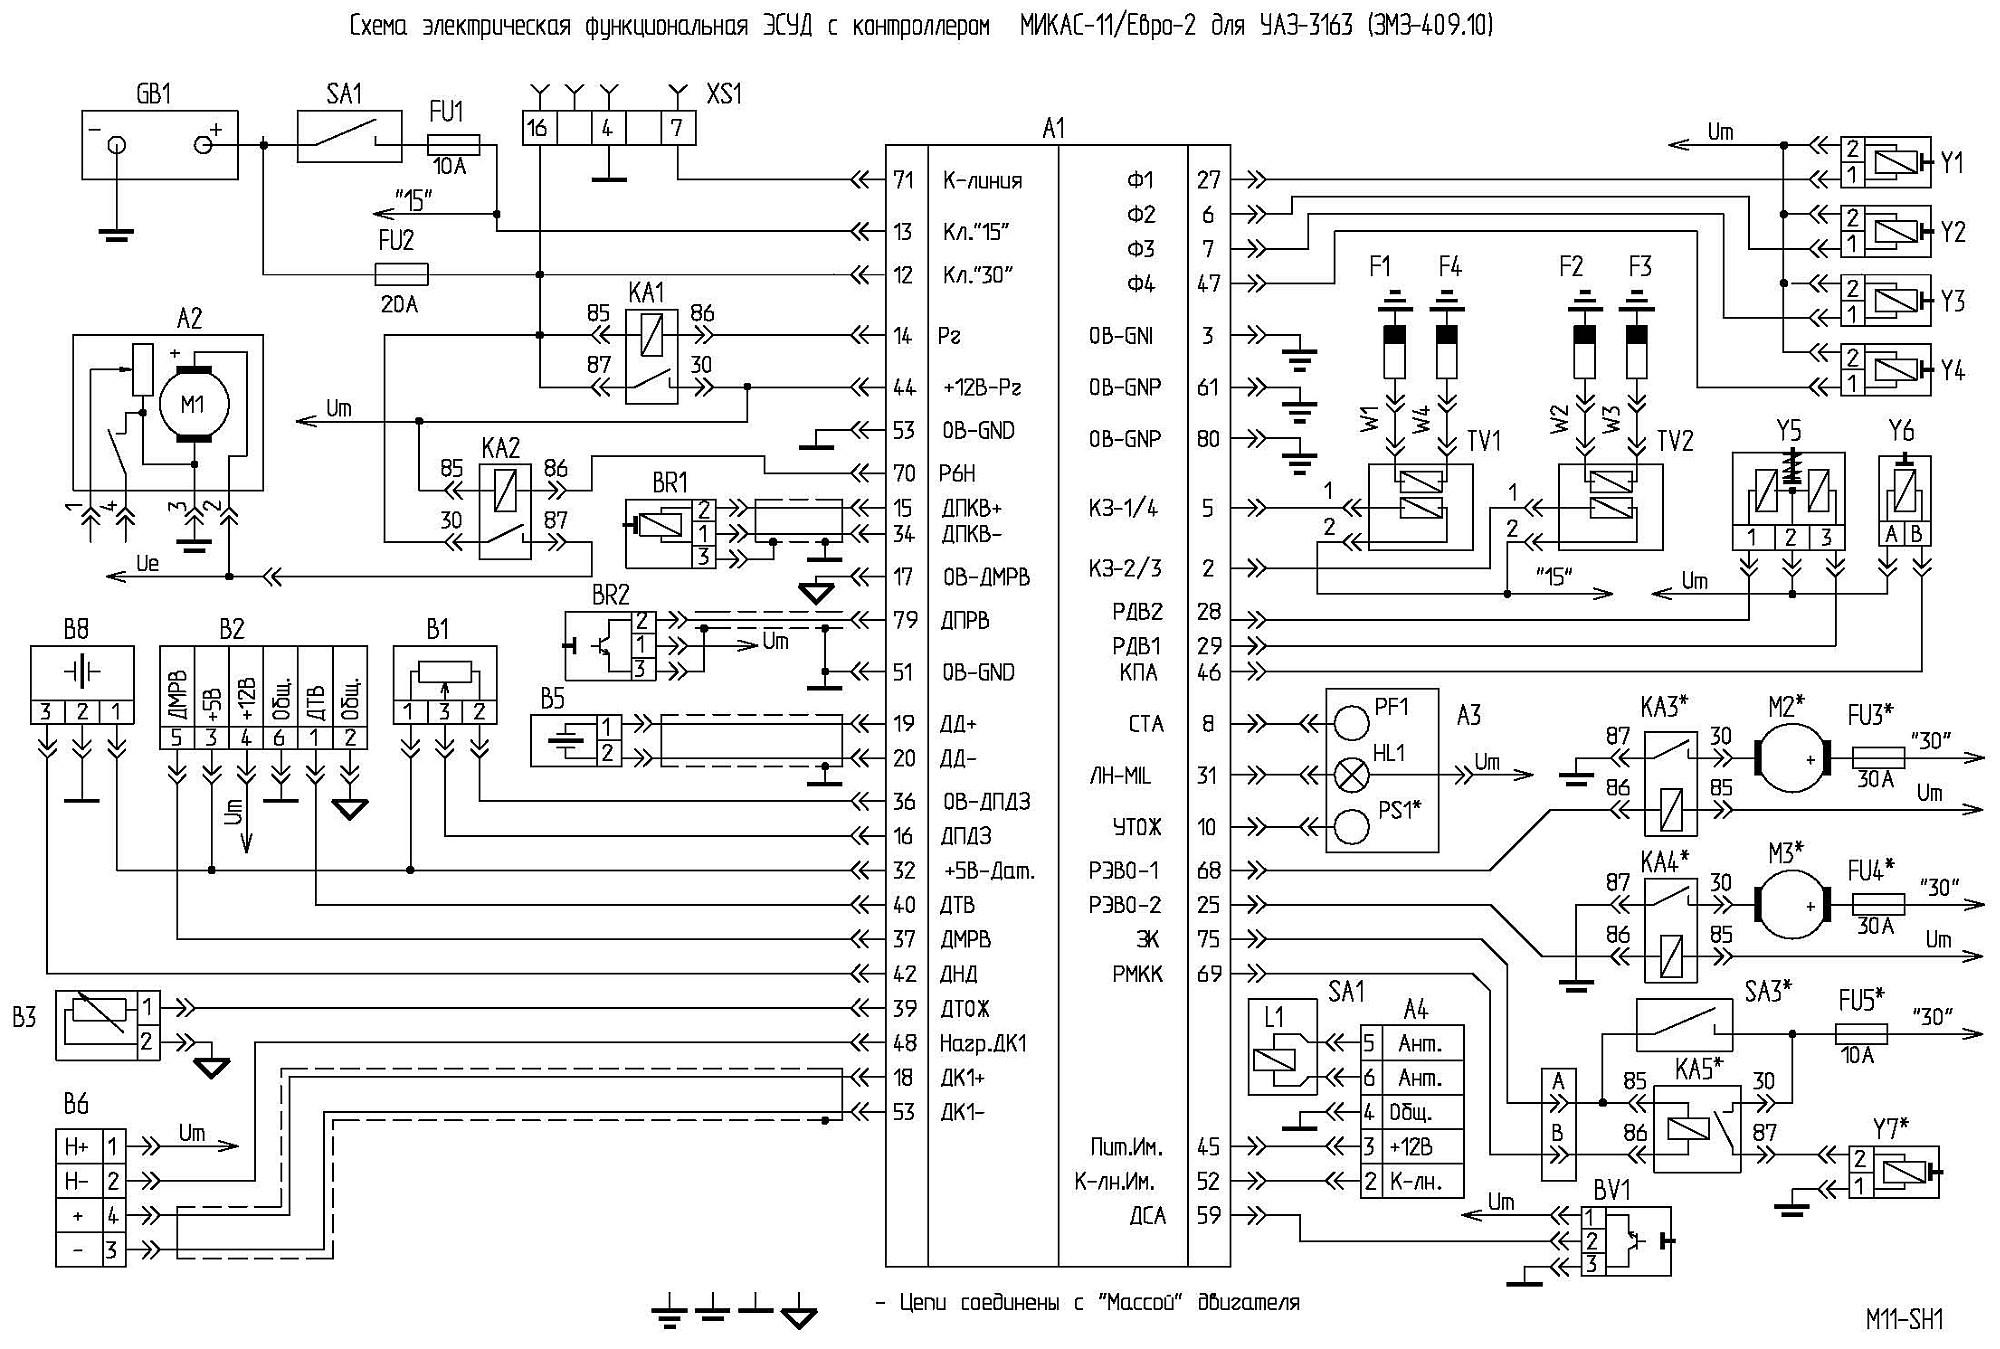 Микас 11 схема проводки